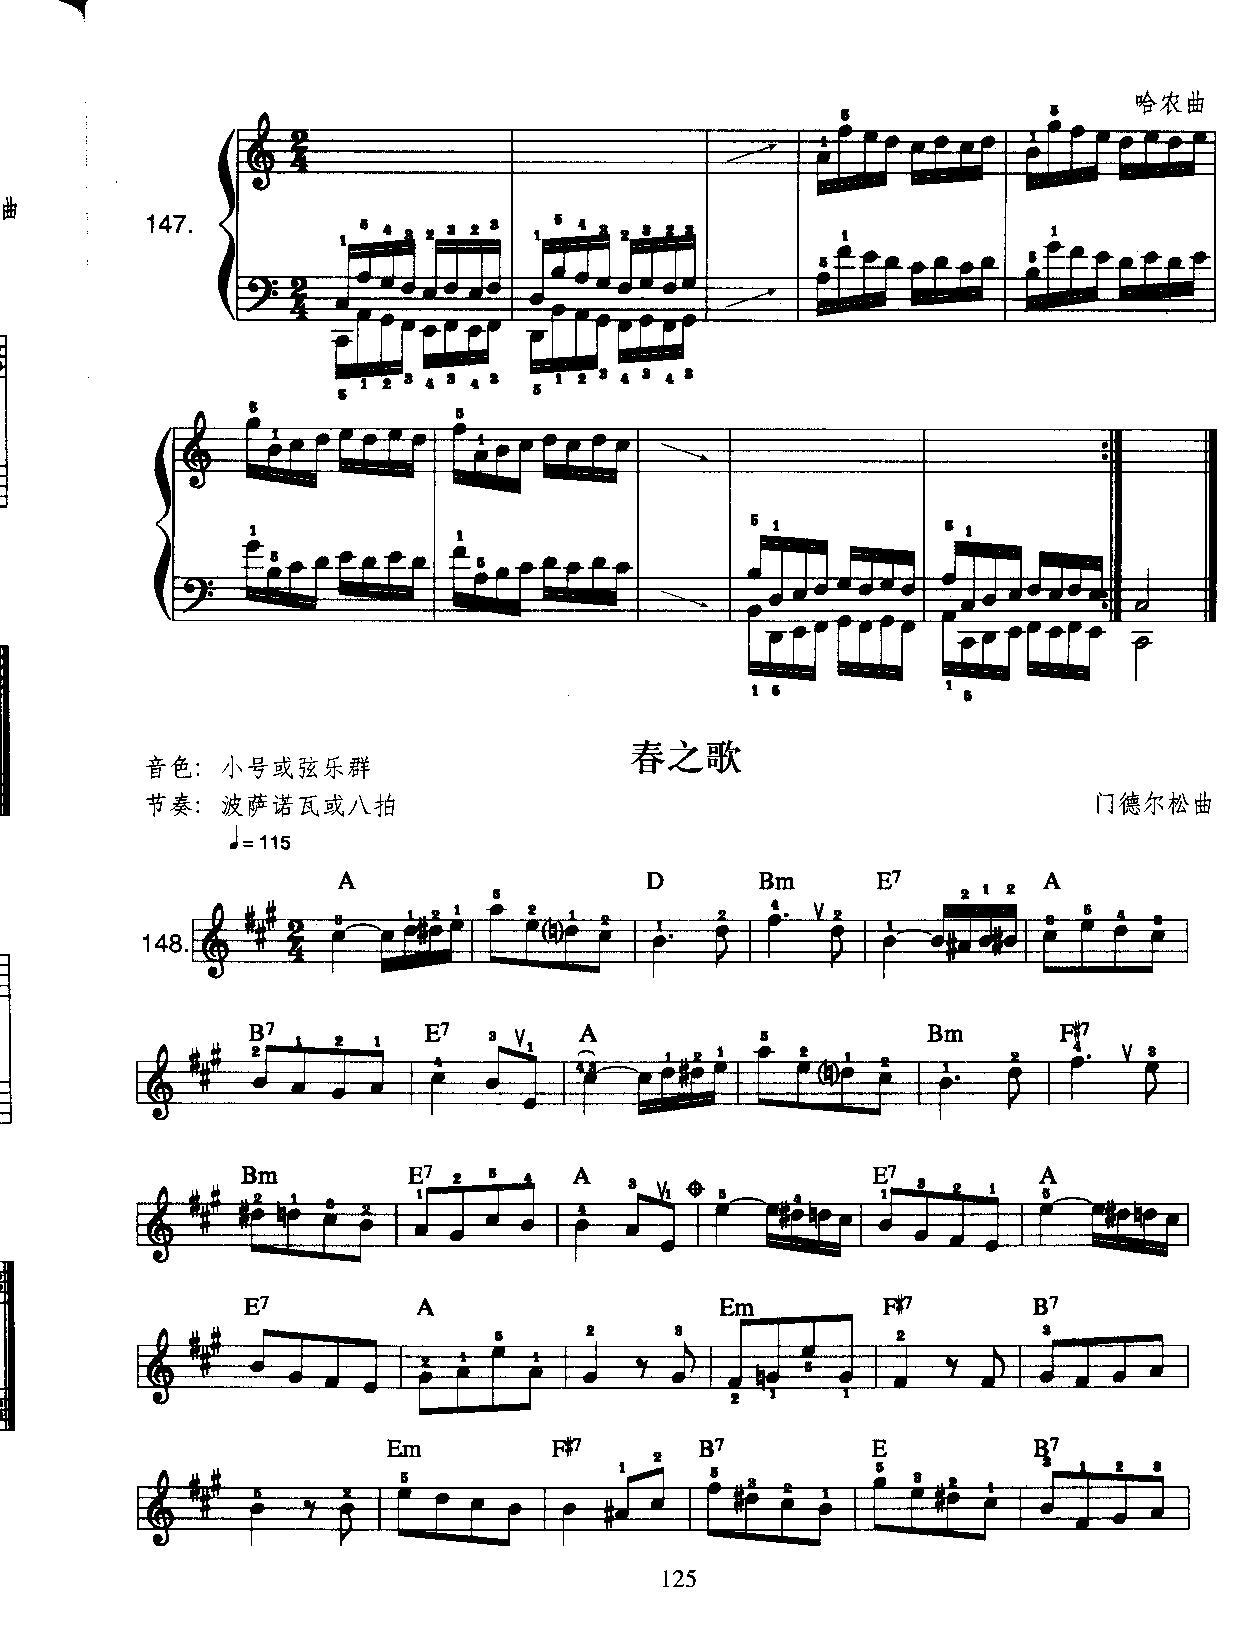 春之歌 中级班电子琴乐谱